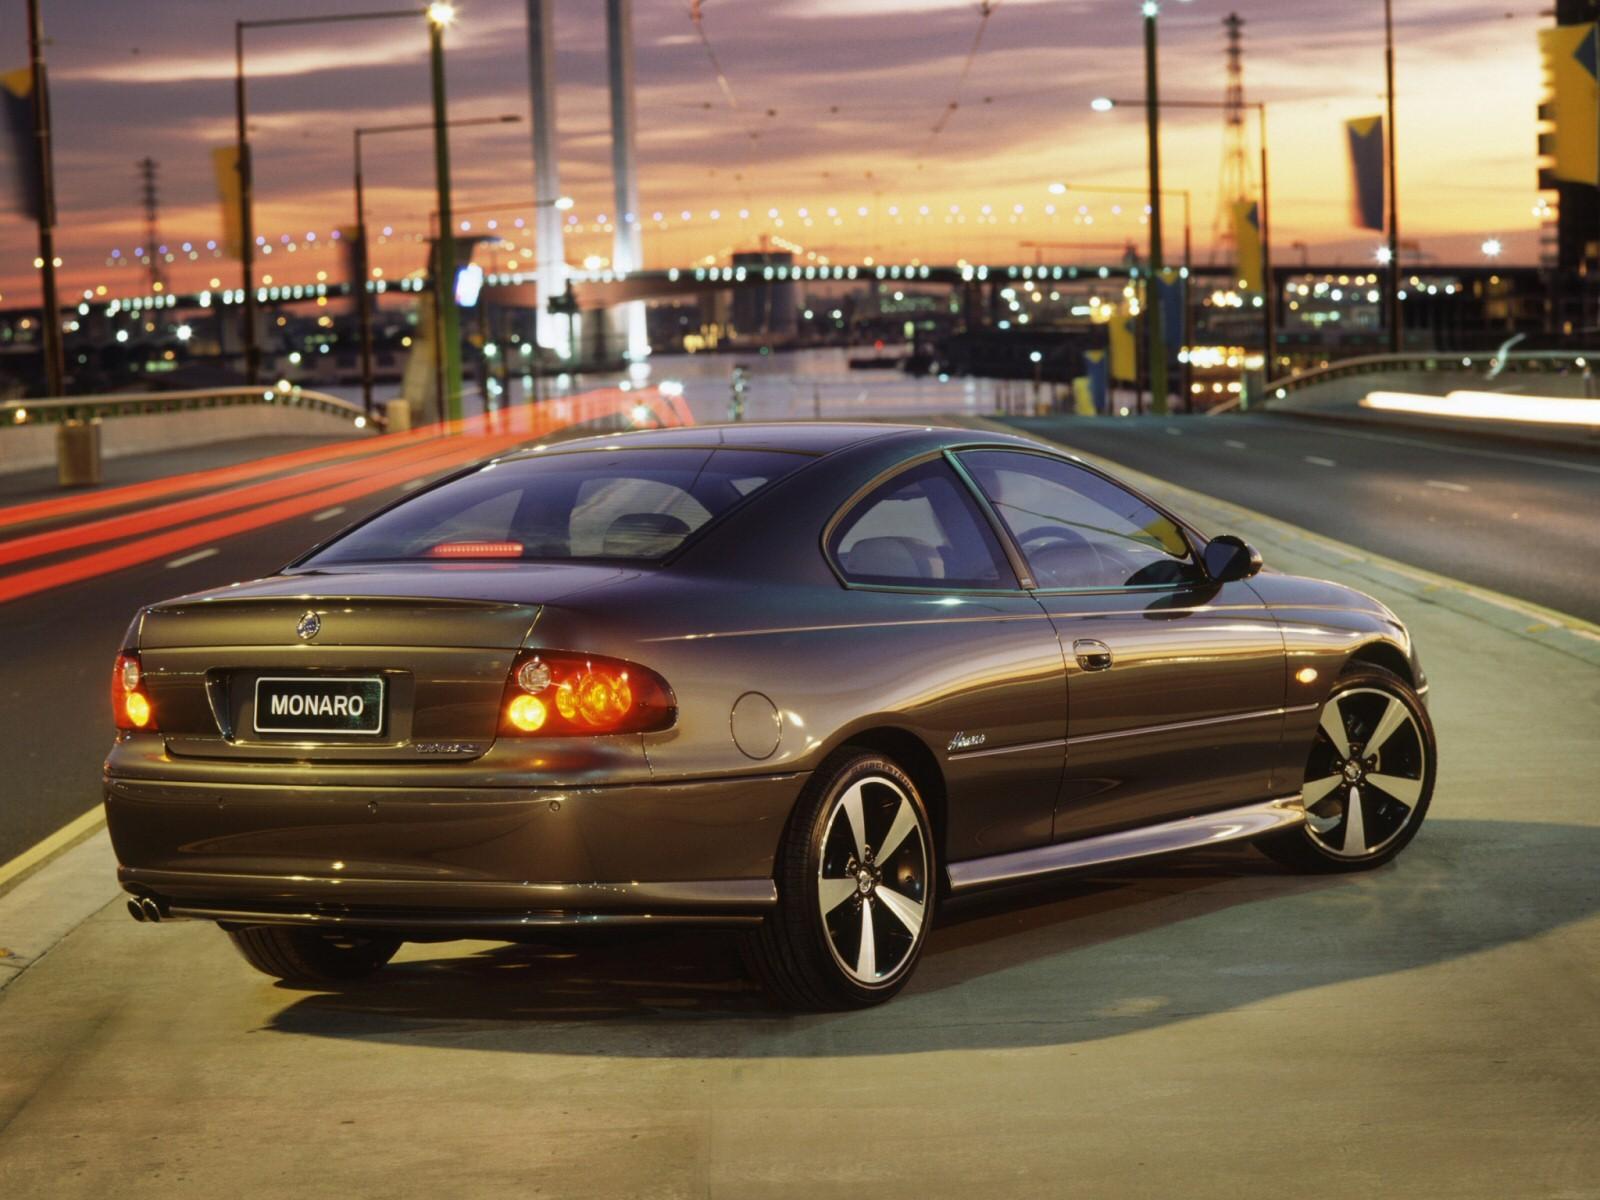 2002 Holden Monaro CV8-R